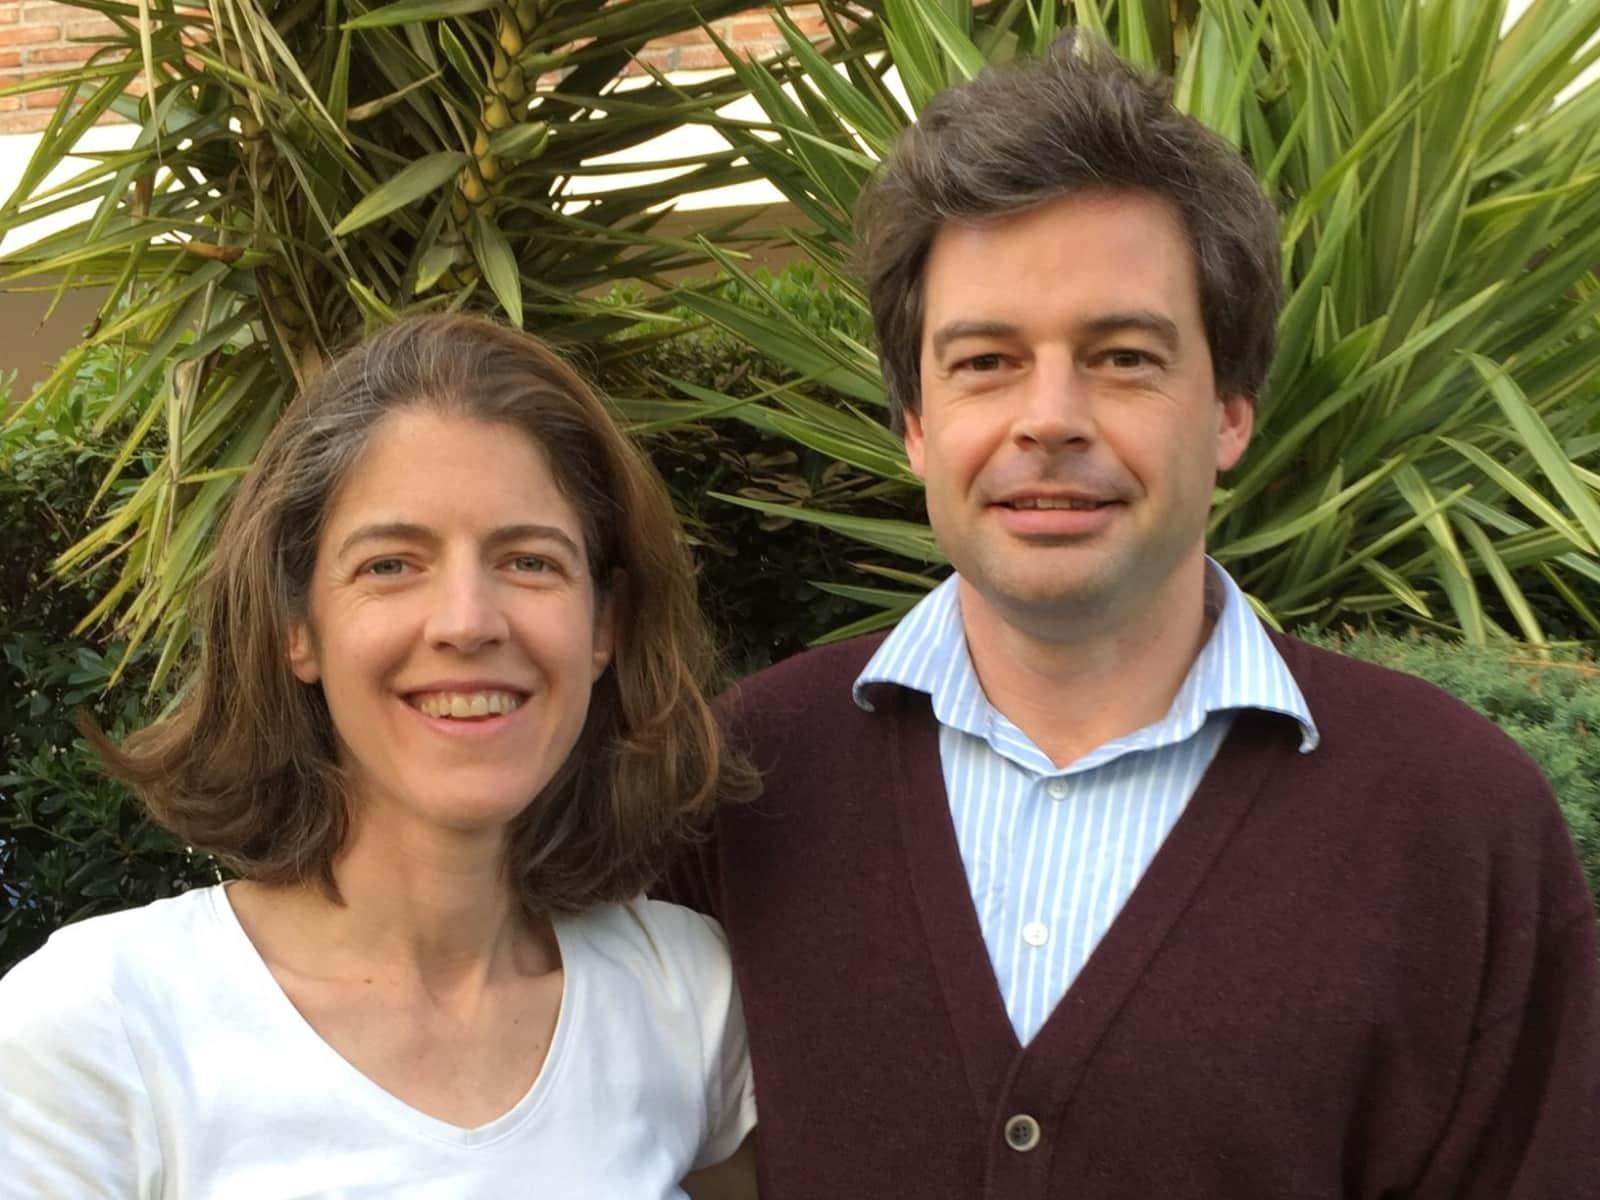 Phillipa & David from Málaga, Spain